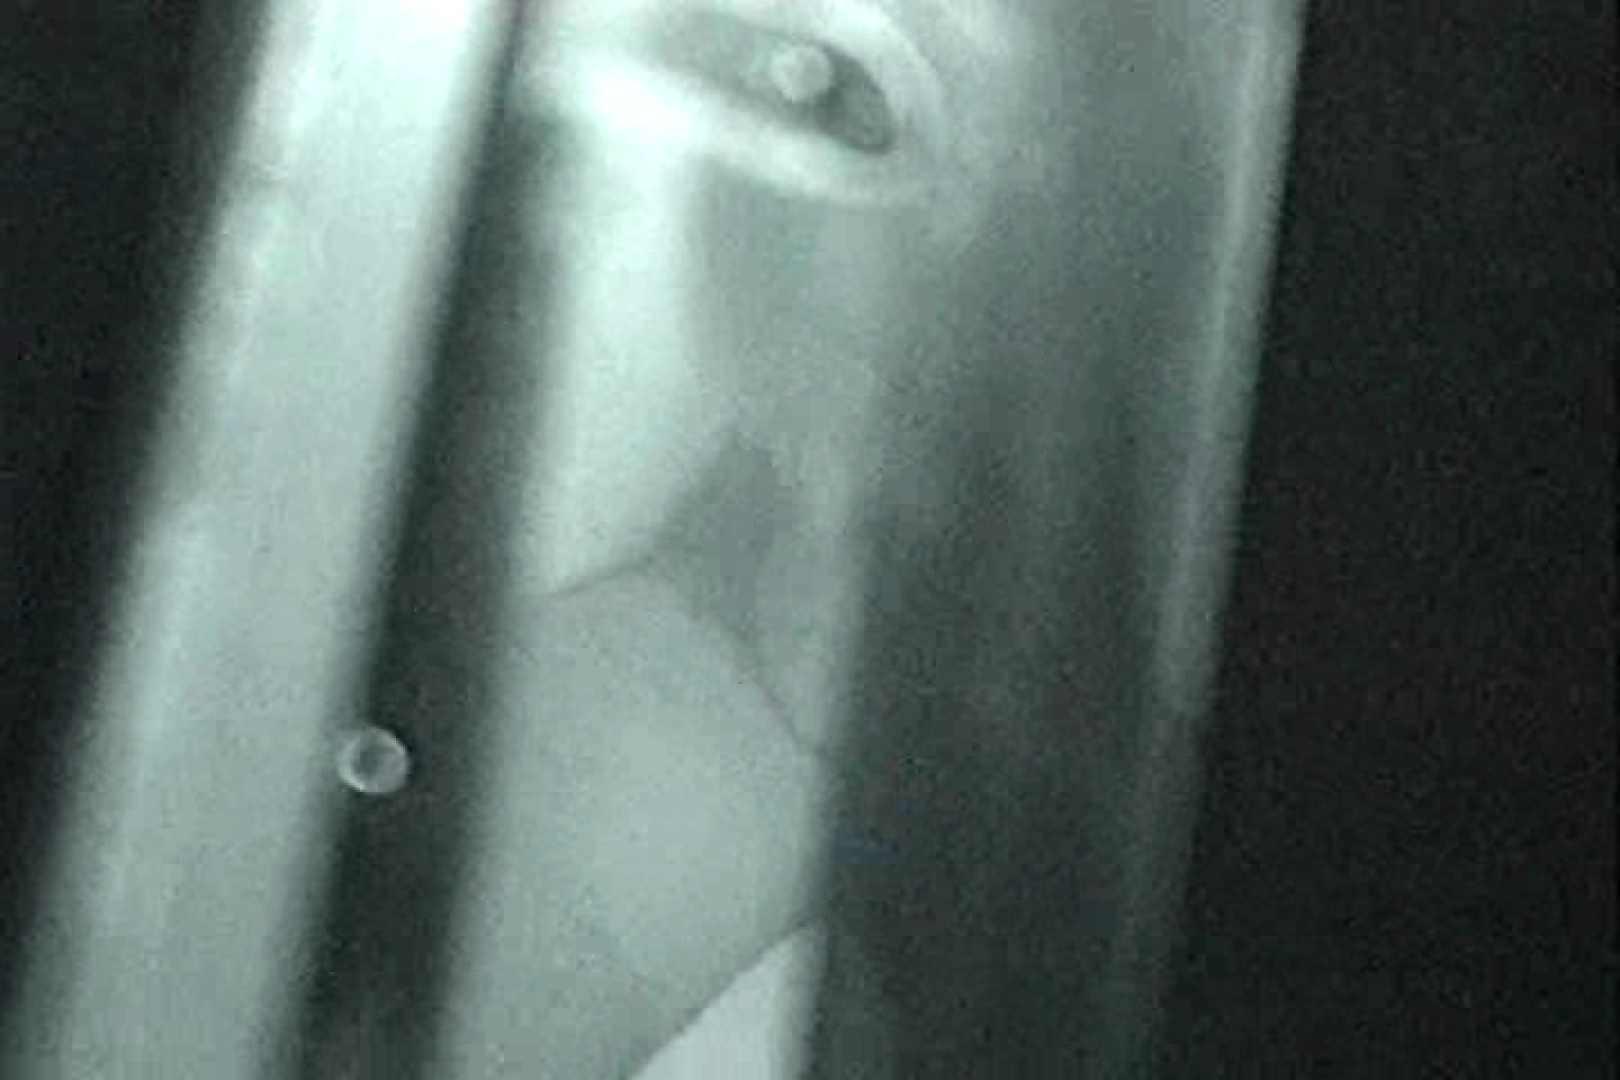 充血監督の深夜の運動会Vol.18 HなOL エロ画像 109pic 104